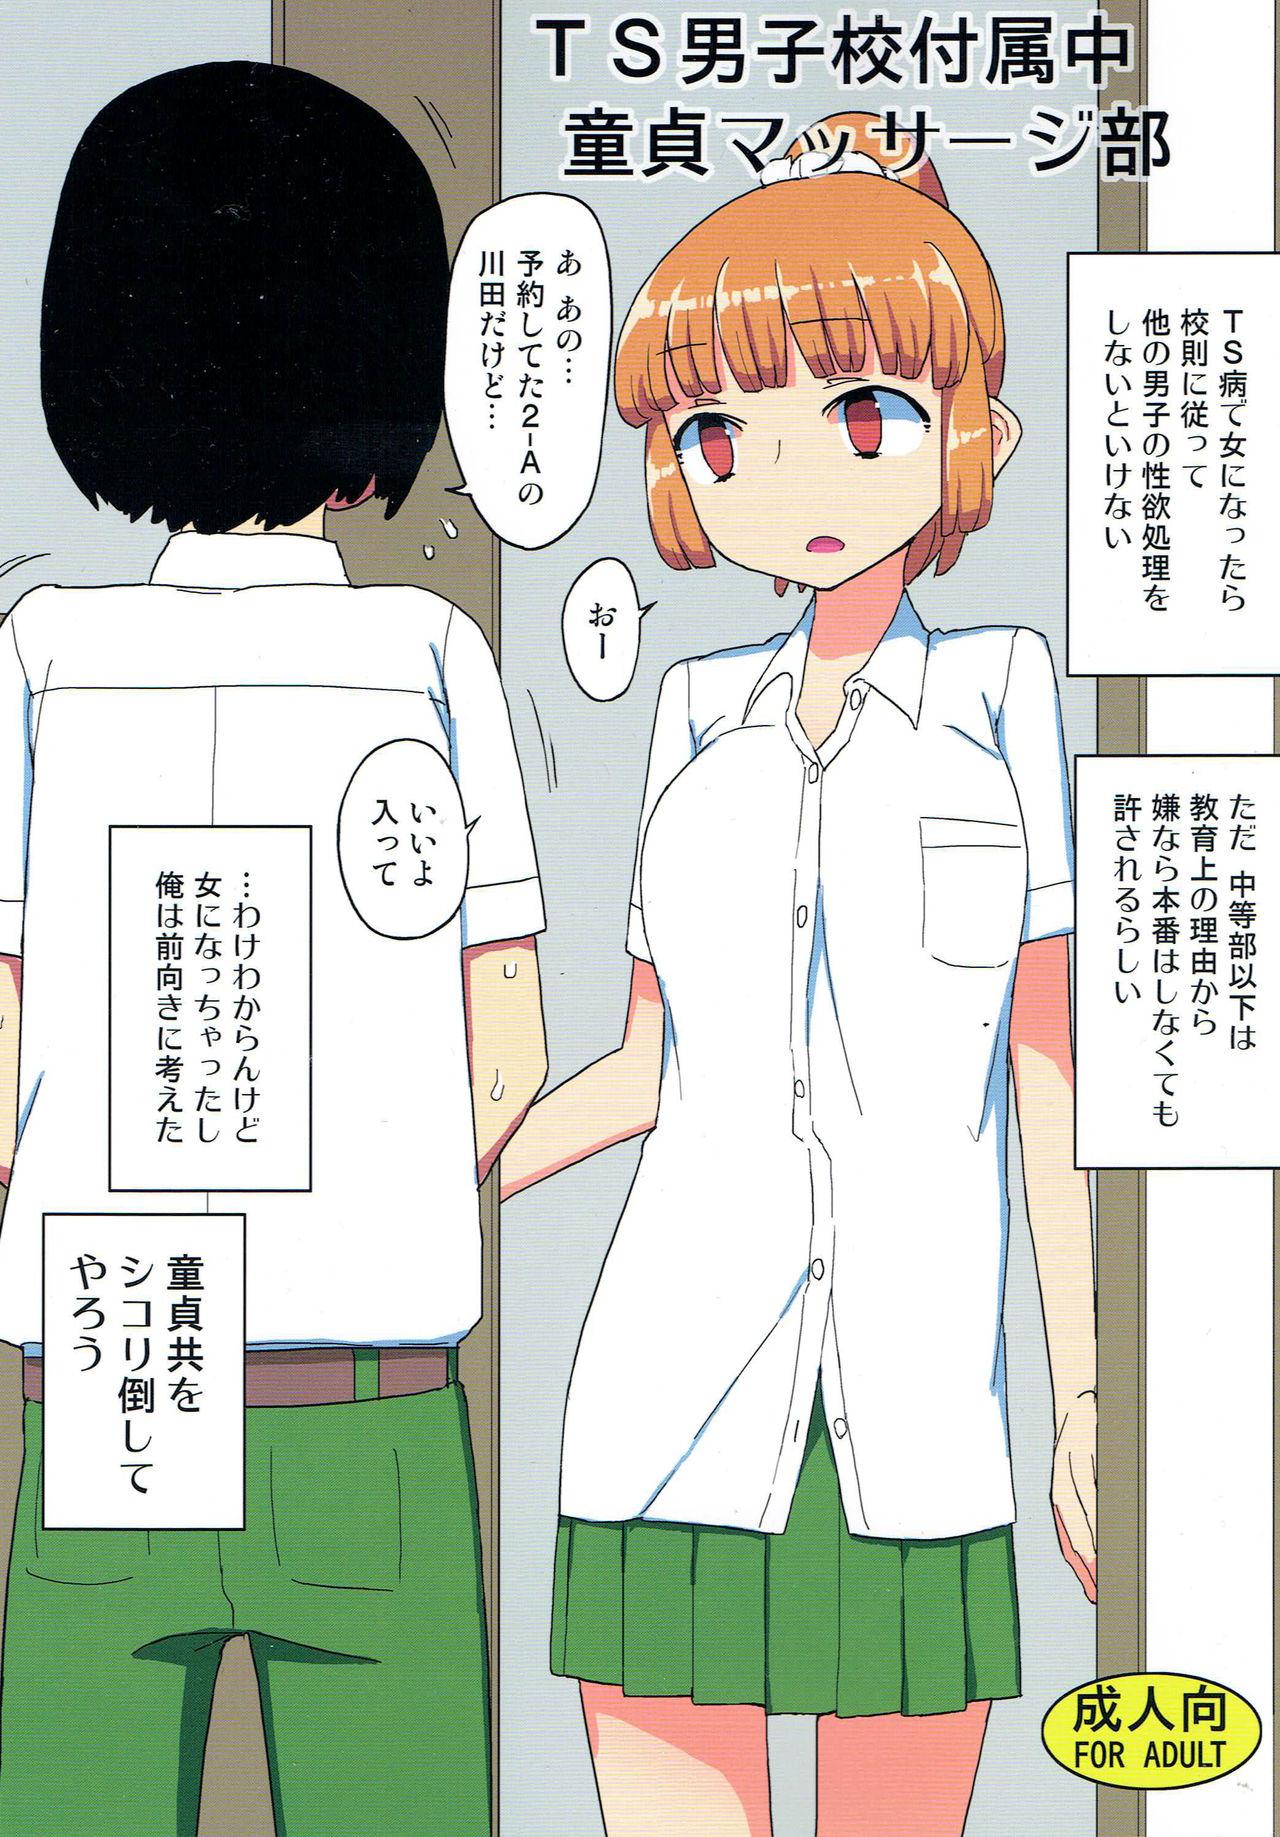 TS病で女になっちゃったから男子生徒の性欲処理してますw手コキ足コキでたっぷり抜いたら先生とセックスしちゃってるしwww